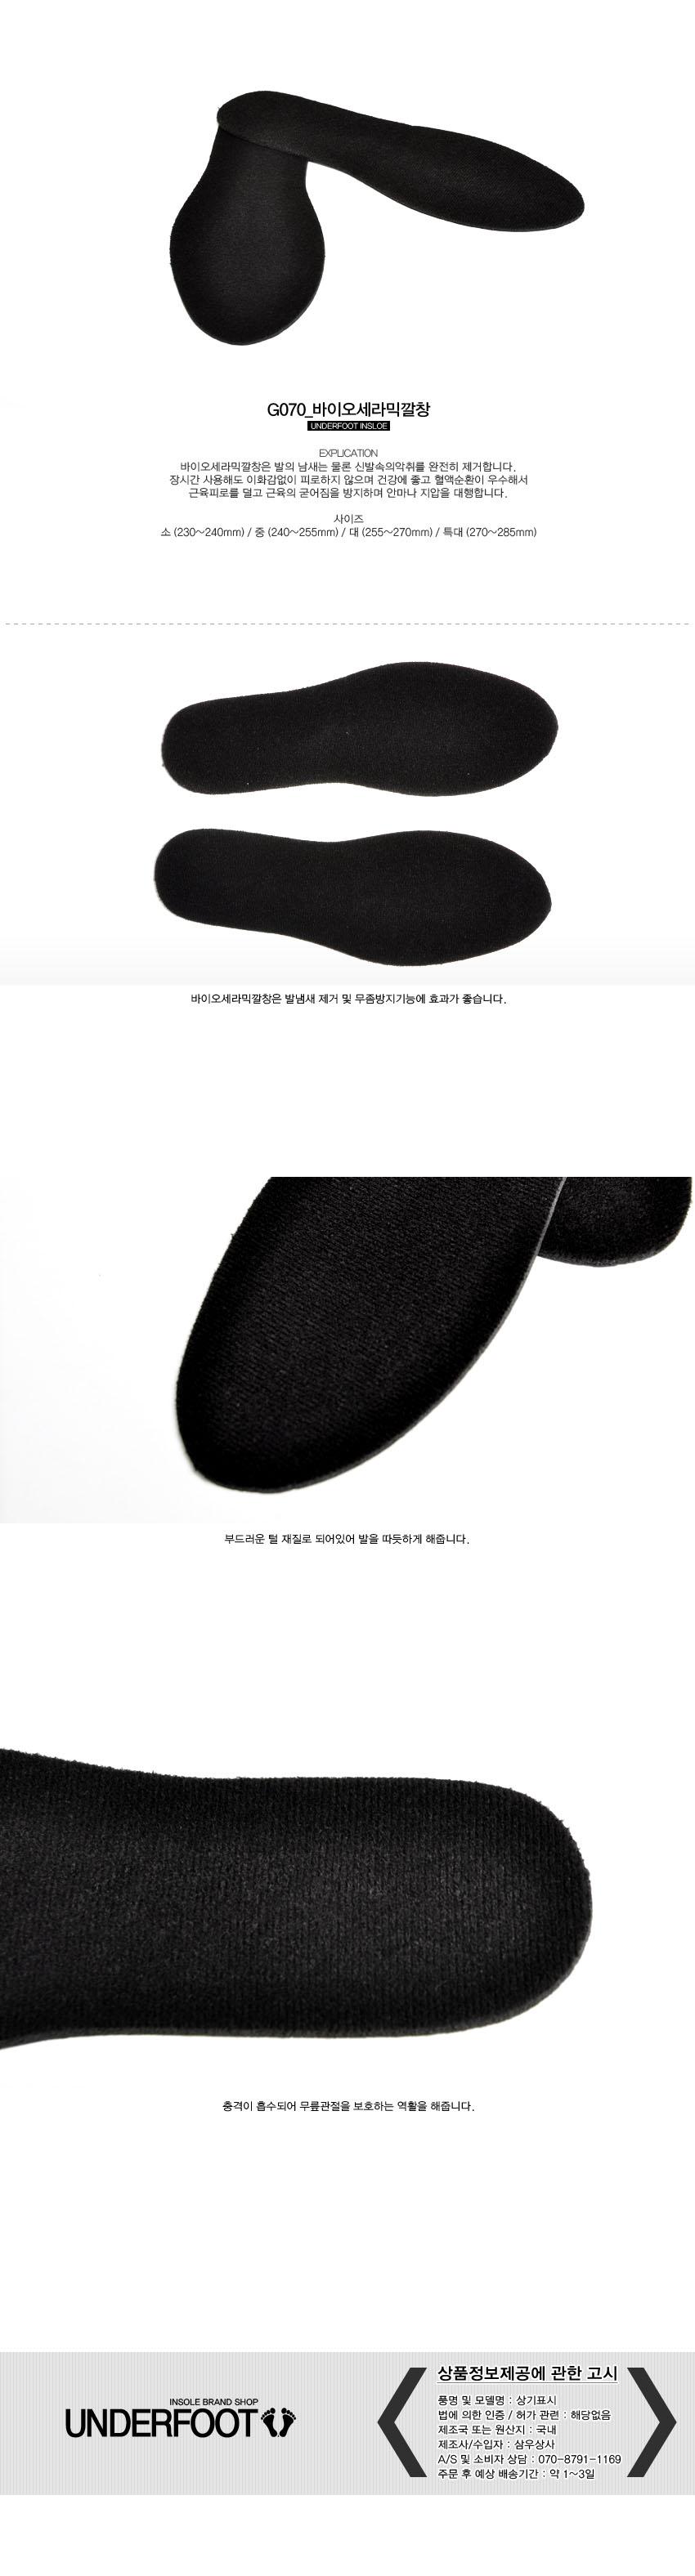 UNDERFOOT 언더풋 바이오 세라믹 깔창 - 슈닥터, 2,200원, 신발소품, 패드/깔창